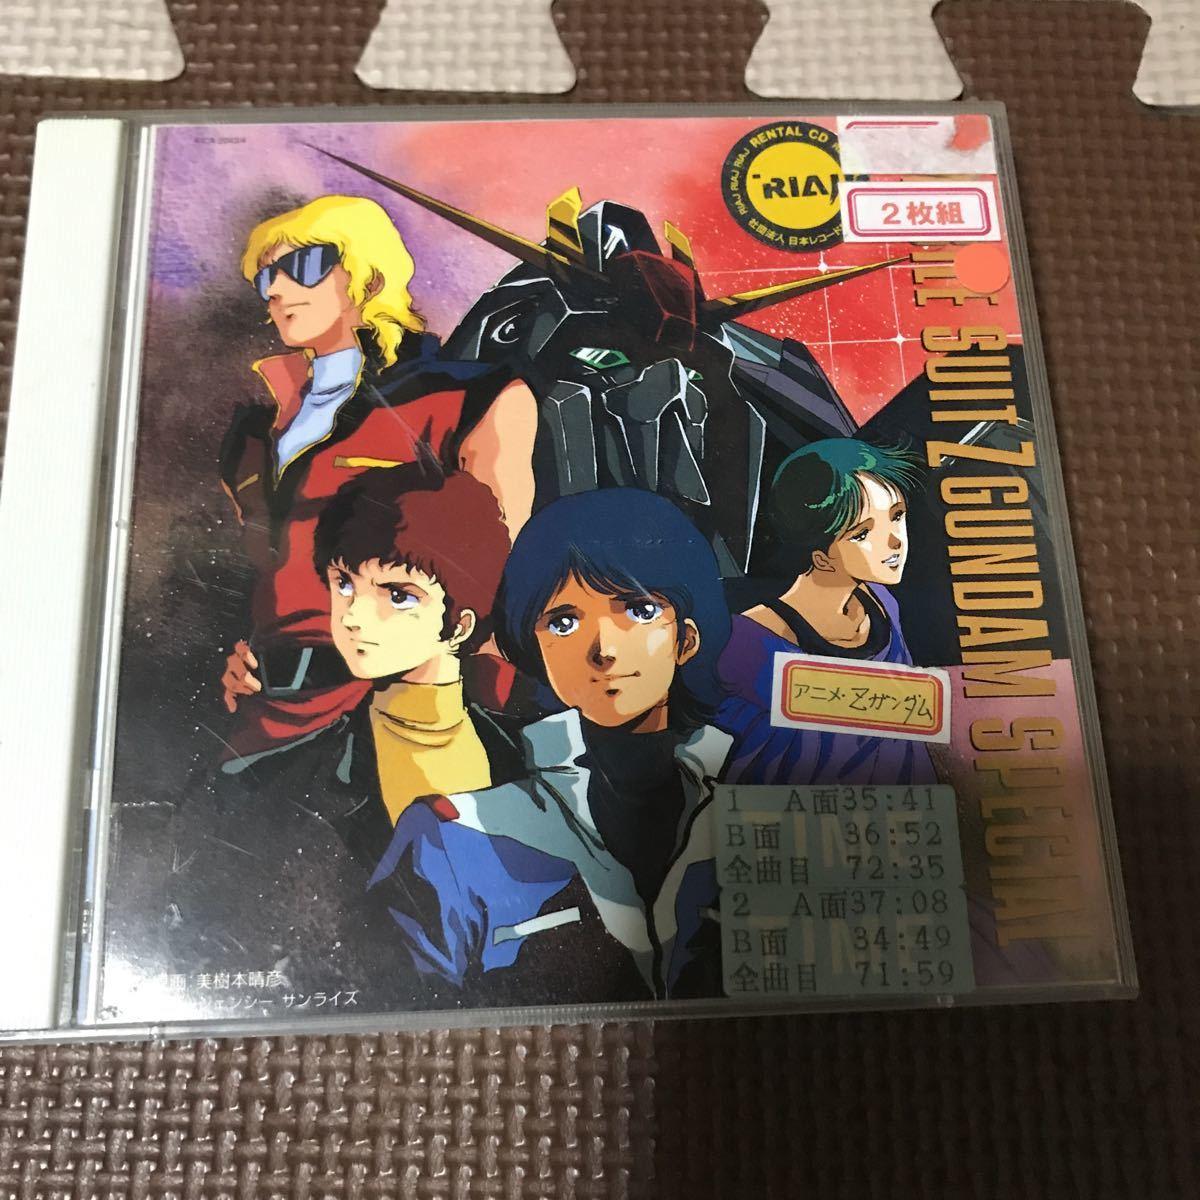 機動戦士Zガンダム SPECIAL 2枚組CD レンタル落ち 鮎川麻弥 森口博子